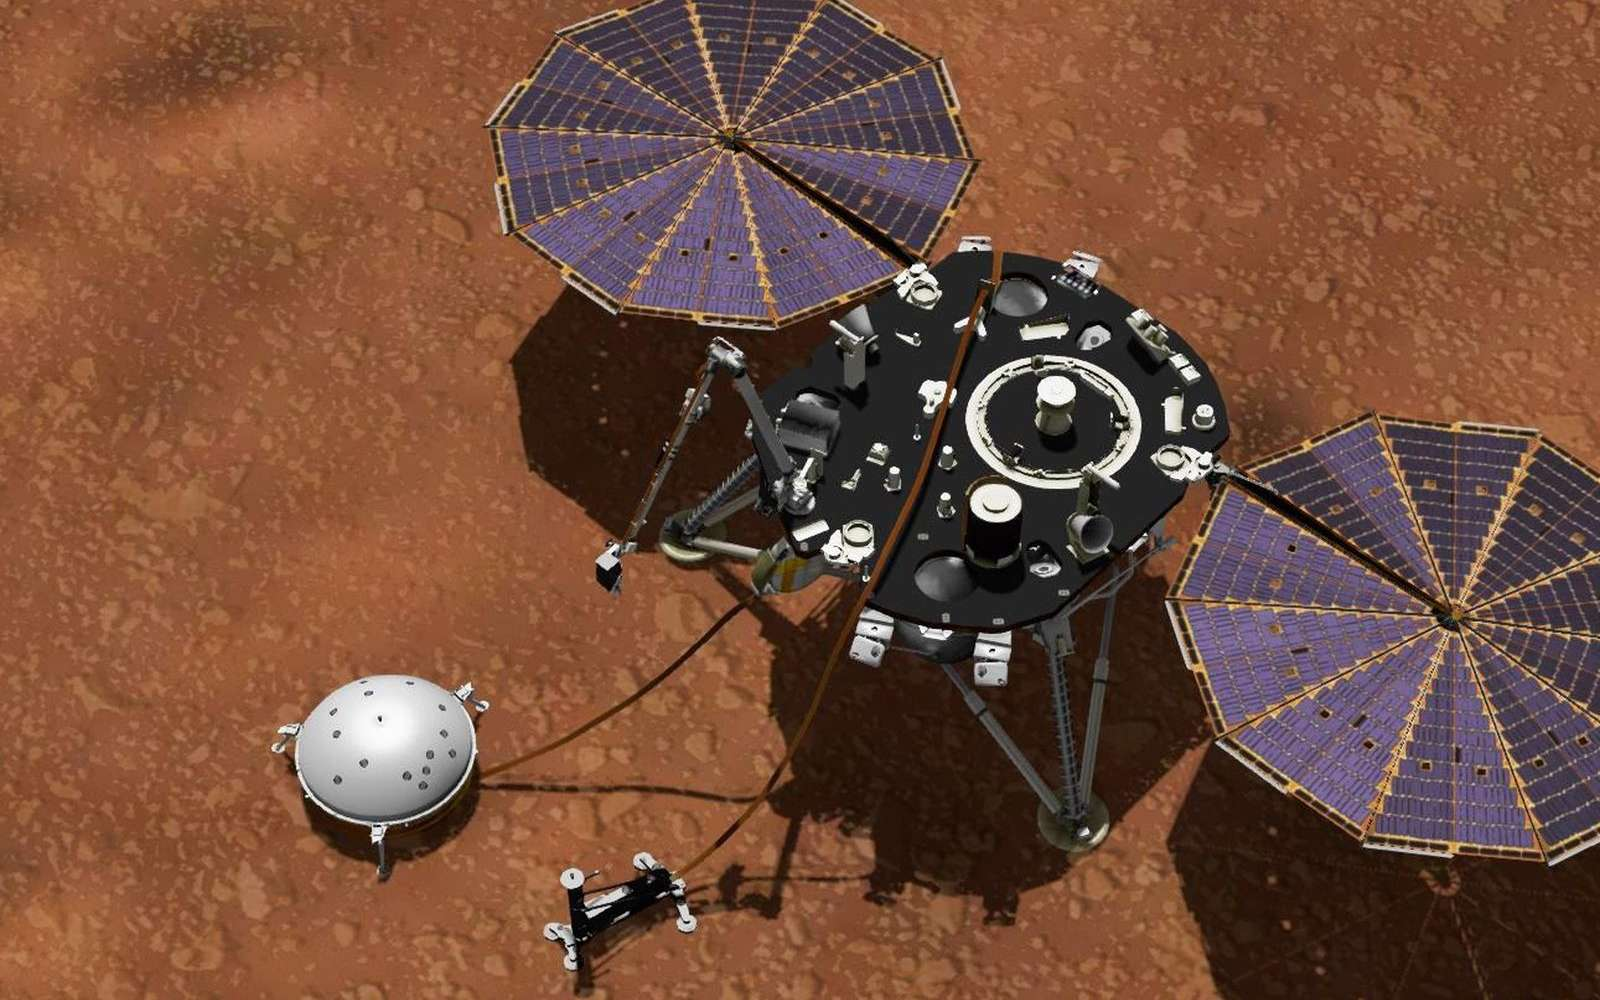 La Nasa collecte des données météo sur Mars avec InSight. © Nasa, JPL-Caltech